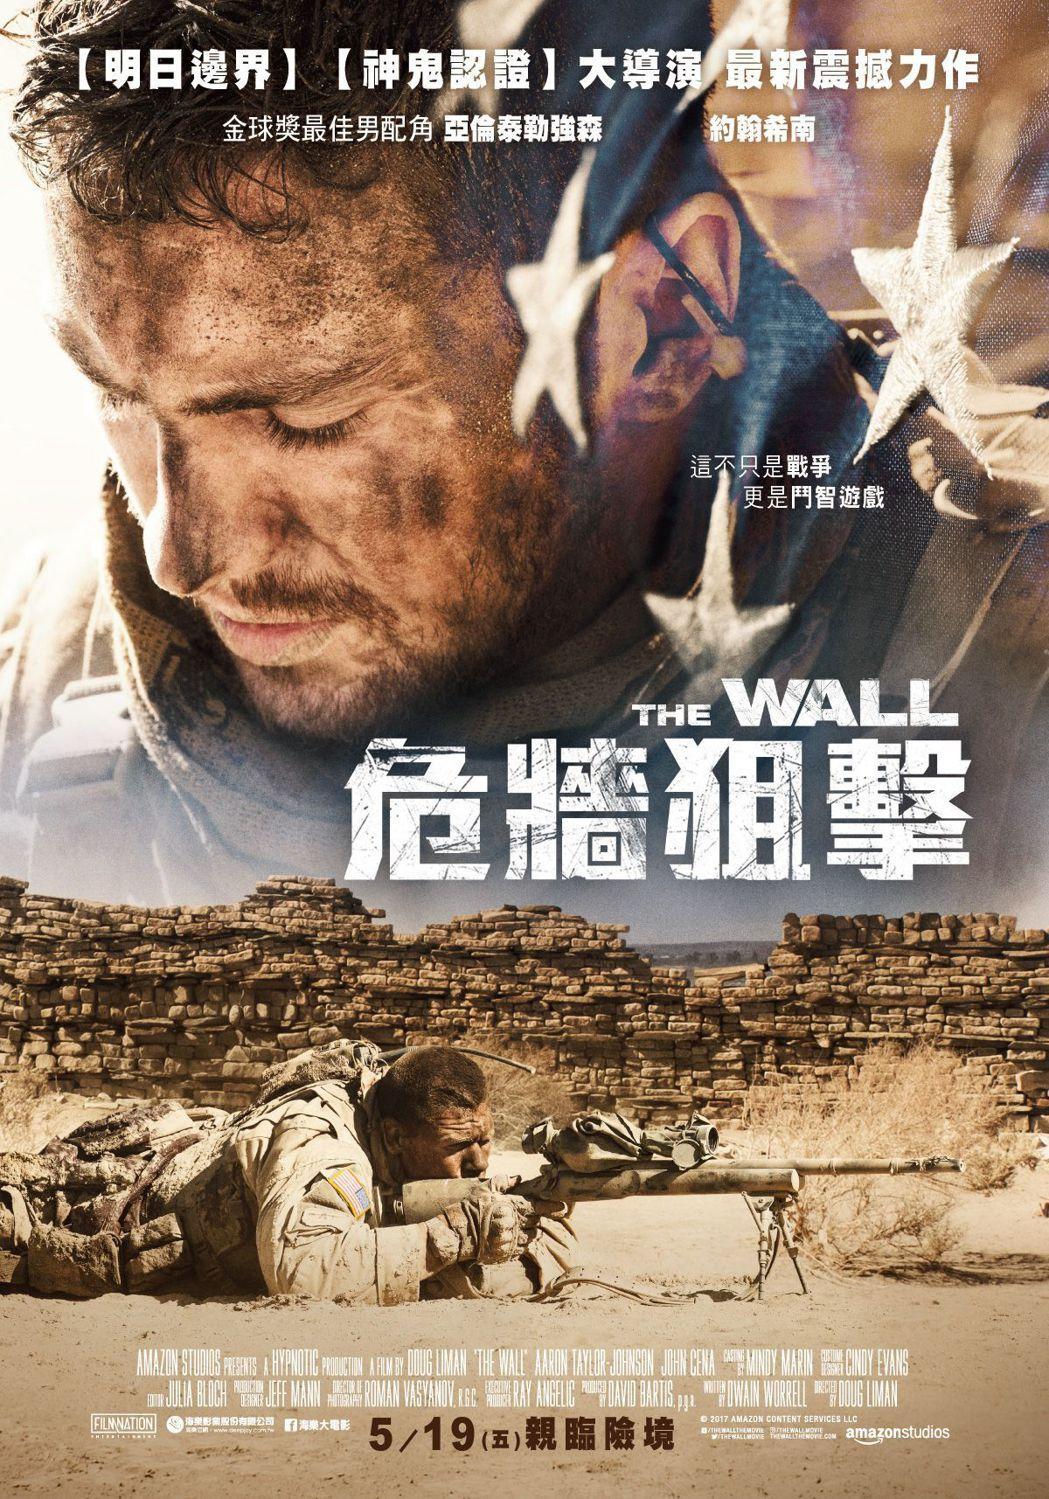 《危牆狙擊》中文版海報。海樂提供